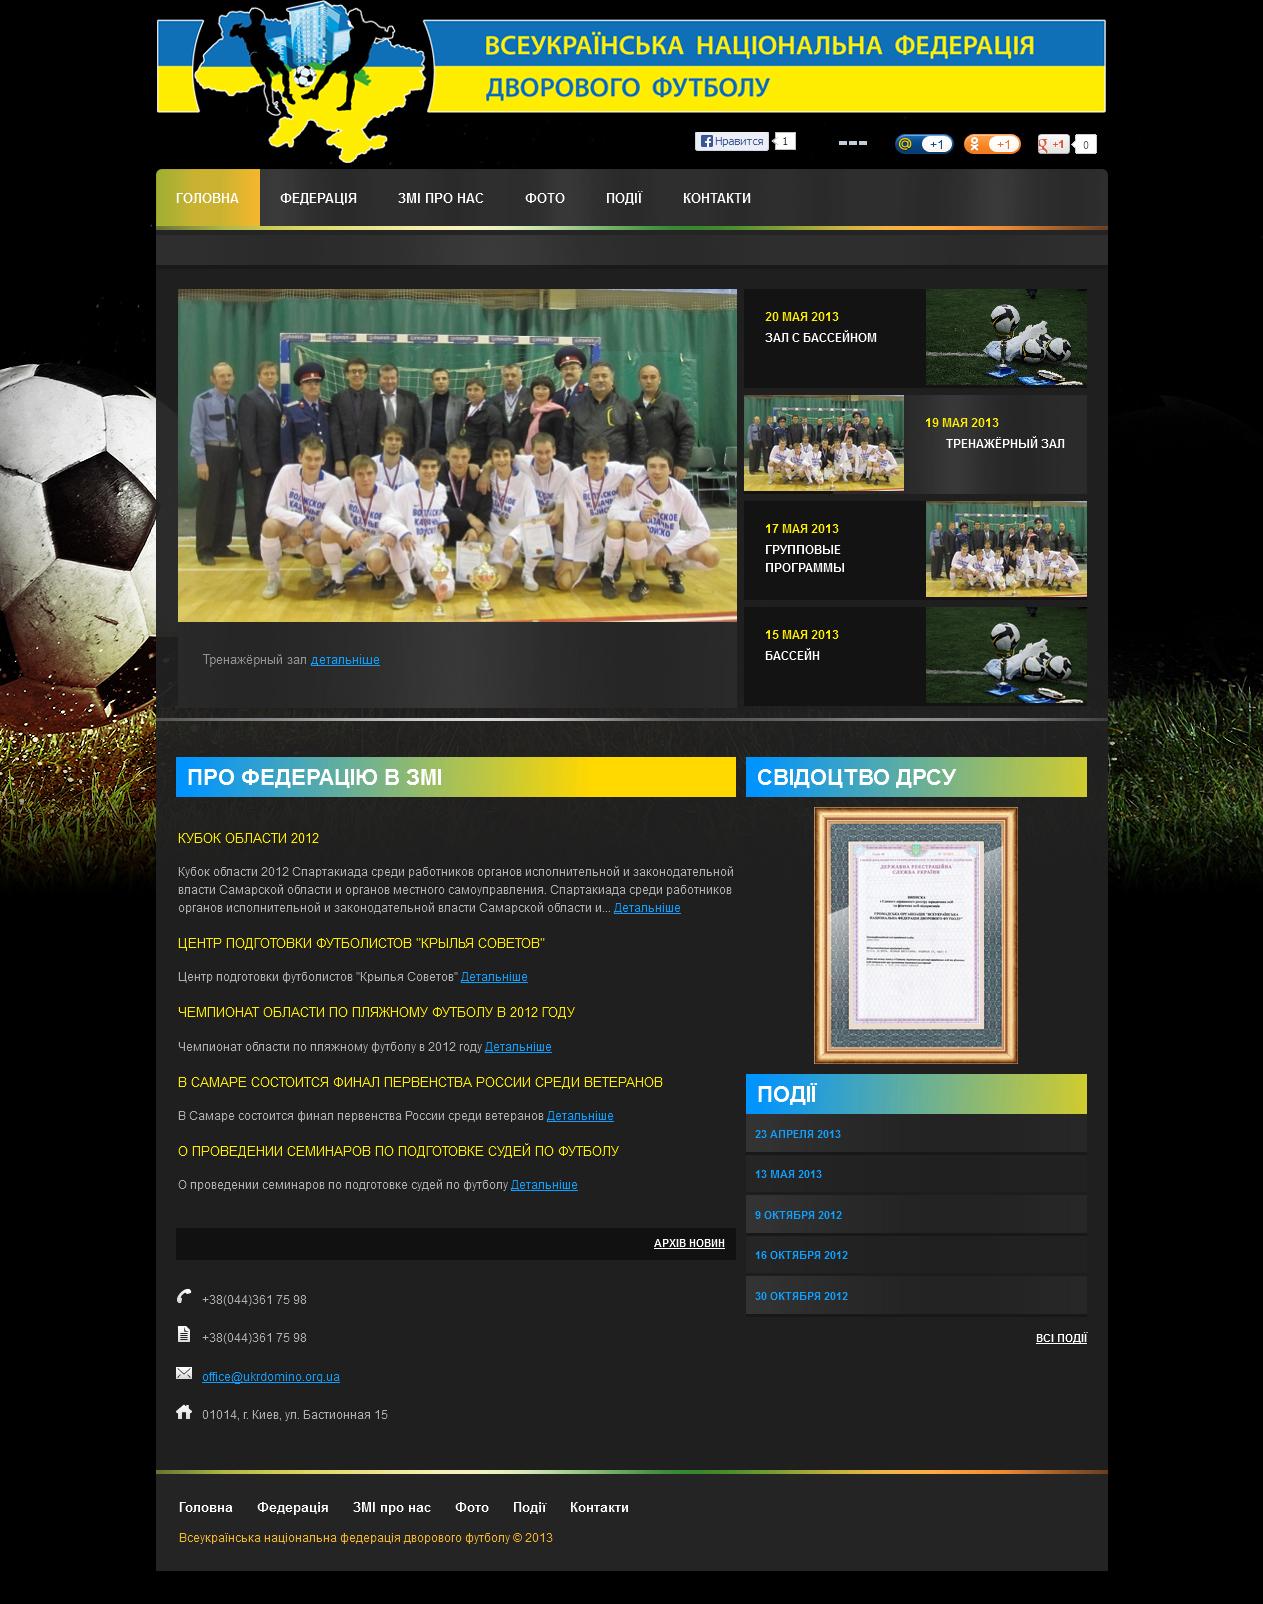 Сайт федерации дворового футбола Украины